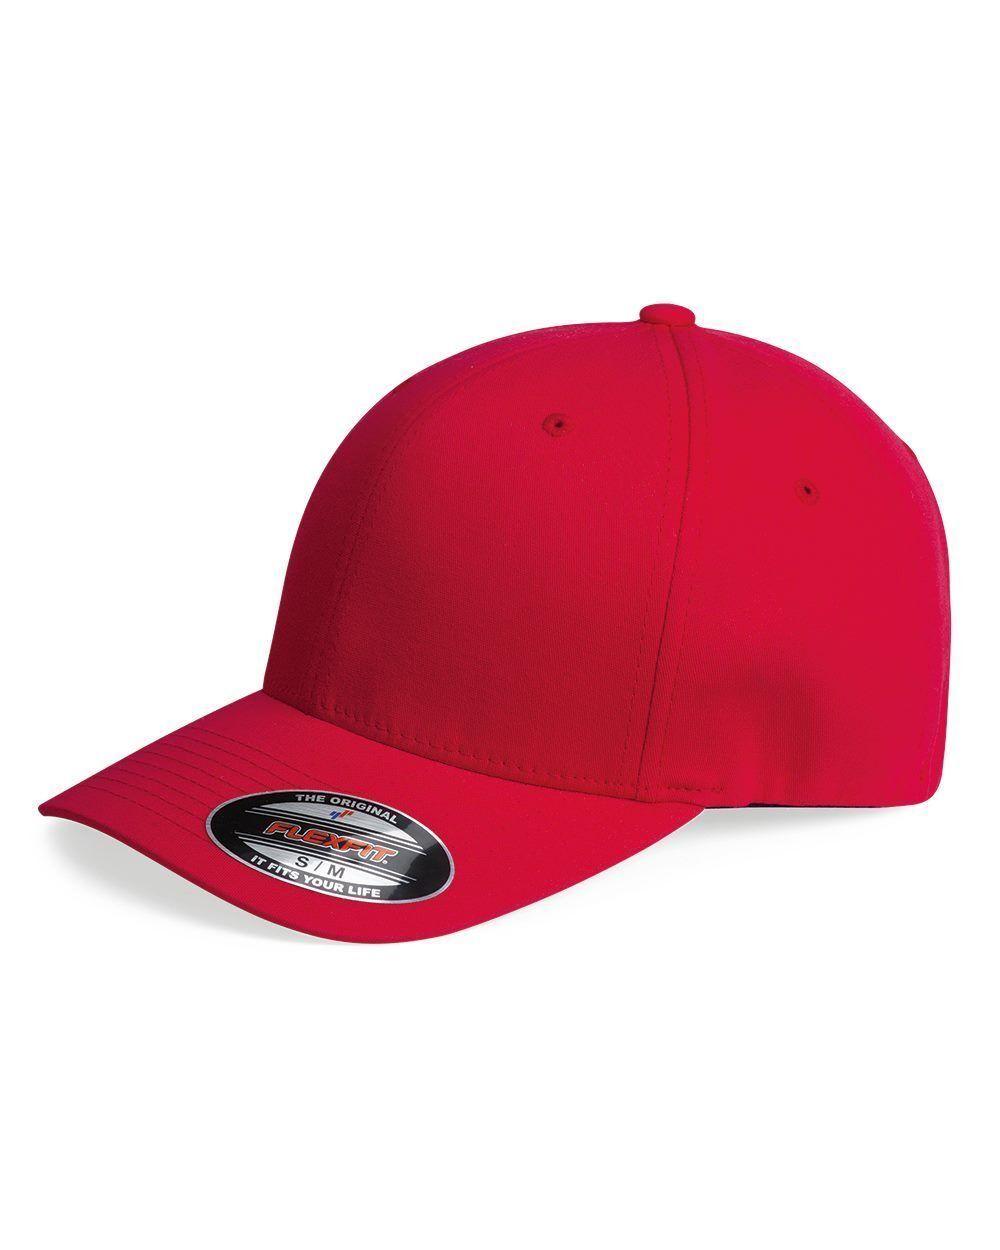 5237155bb6b Flexfit V-Flexfit Cotton Twill Fitted Baseball Blank Plain Hat Cap 5001 S M  L XL